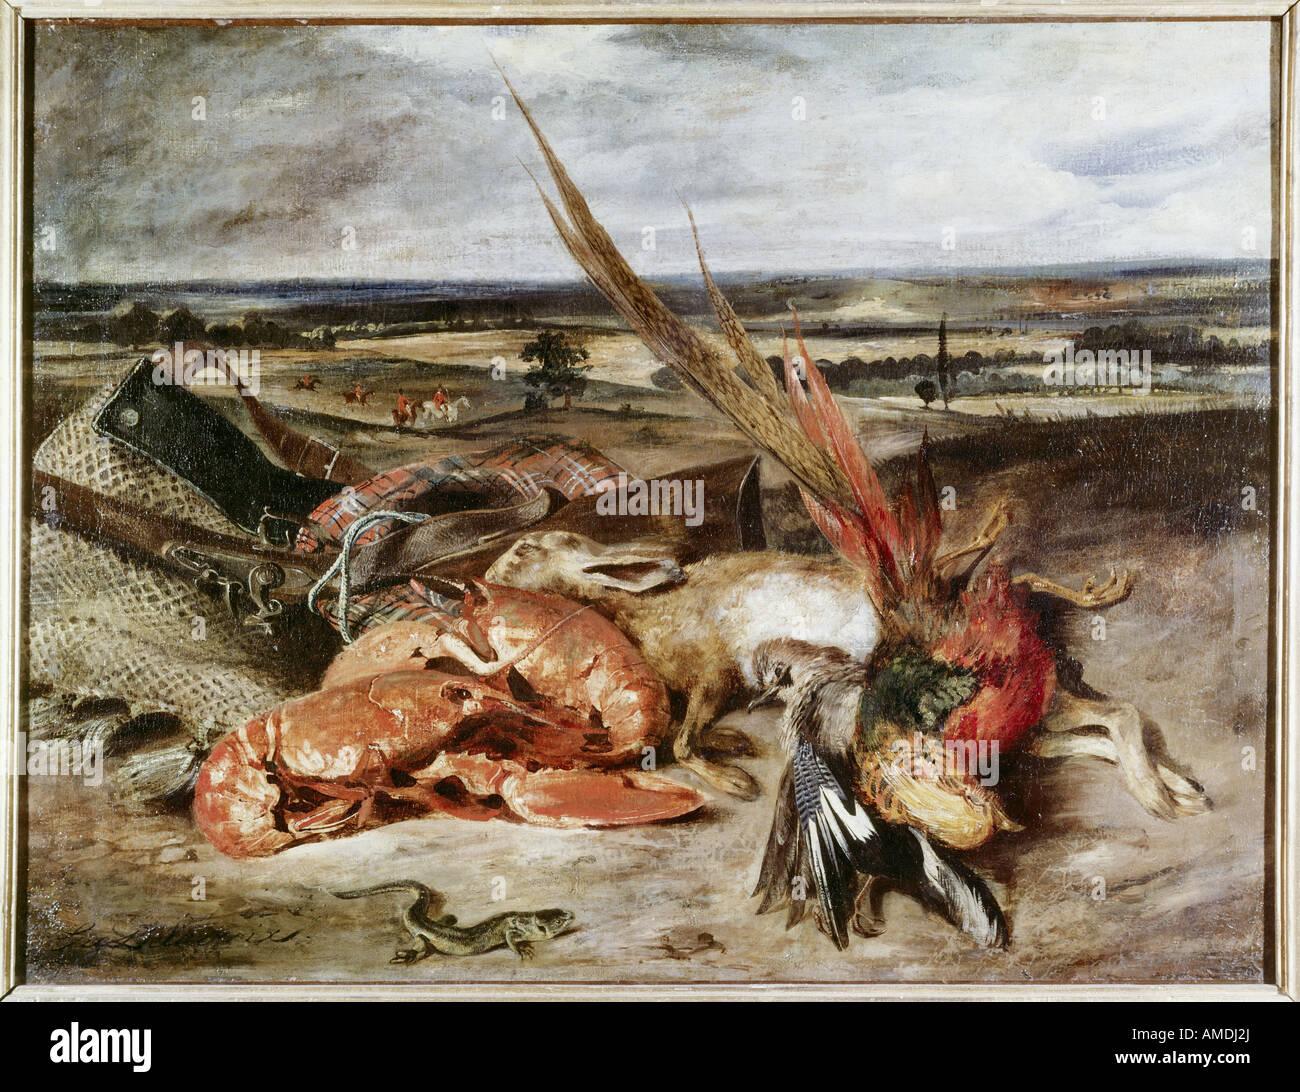 'Fine Arts, Delacroix, Eugène (1798 - 1863), peinture, 'Still Life' avec les homards, 1826/1827, huile sur toile, Banque D'Images